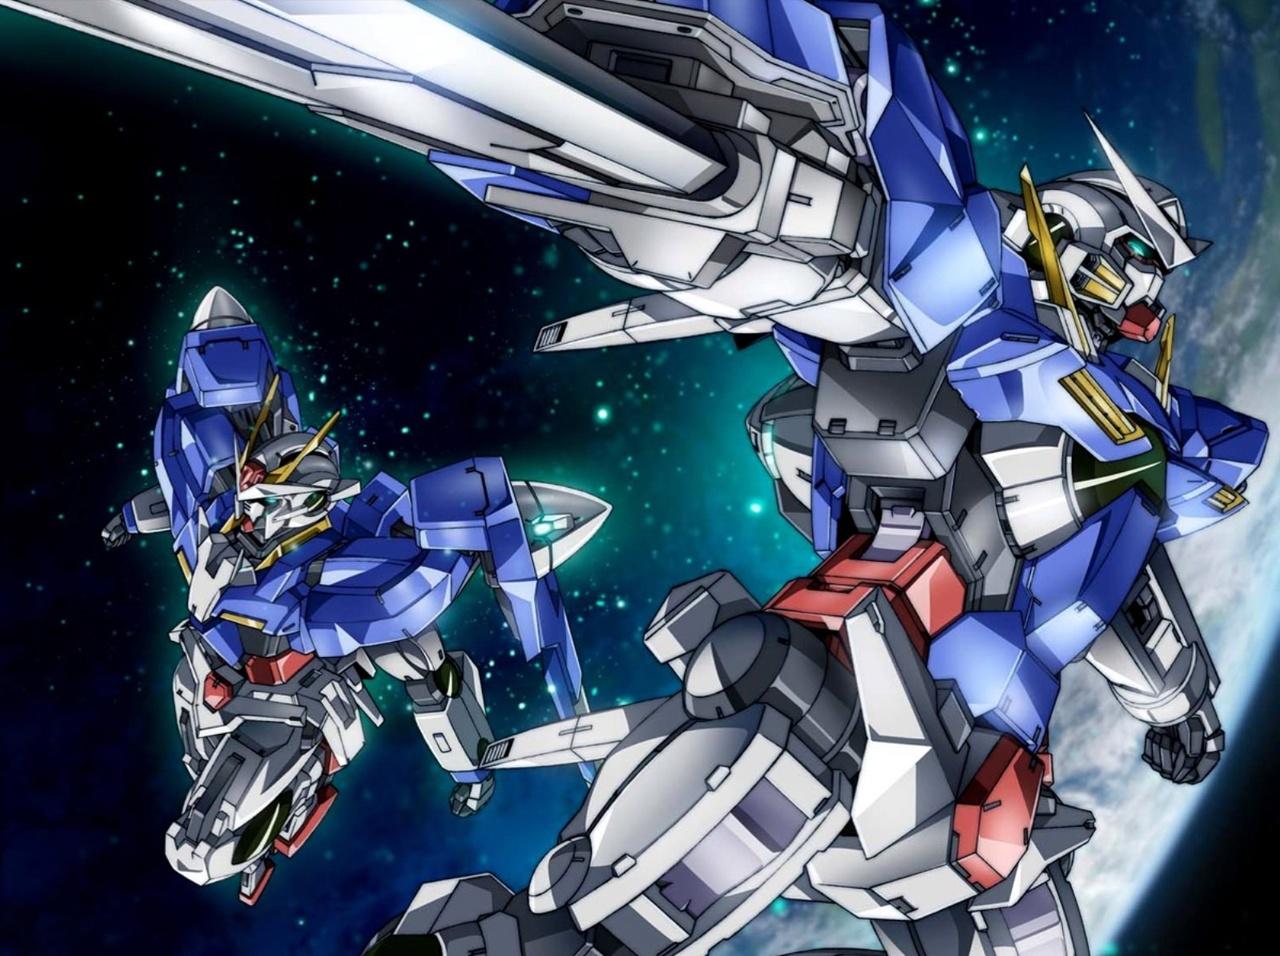 Gundam 00 Exia   wallpaper 1280x956